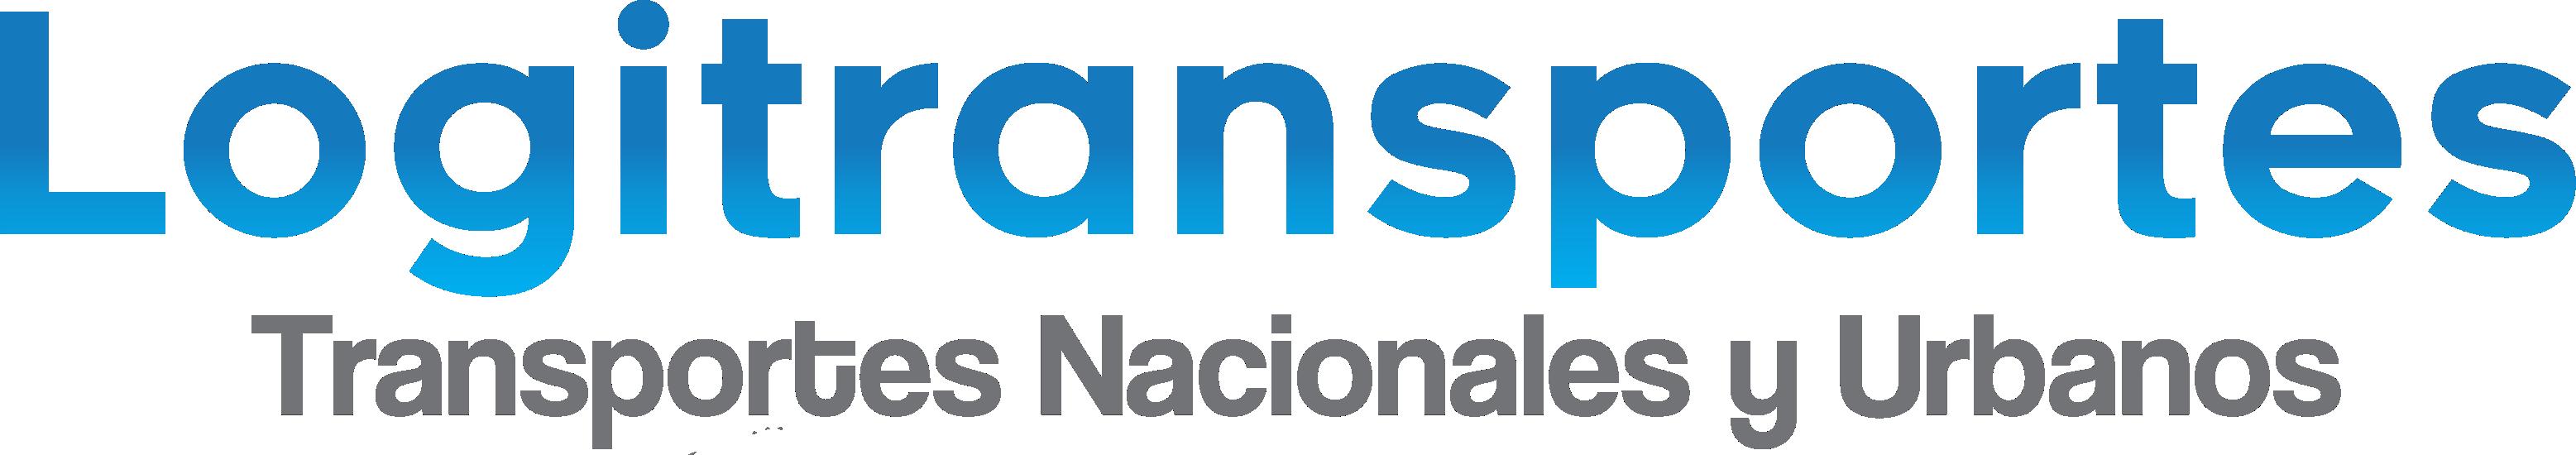 logistransportes logo